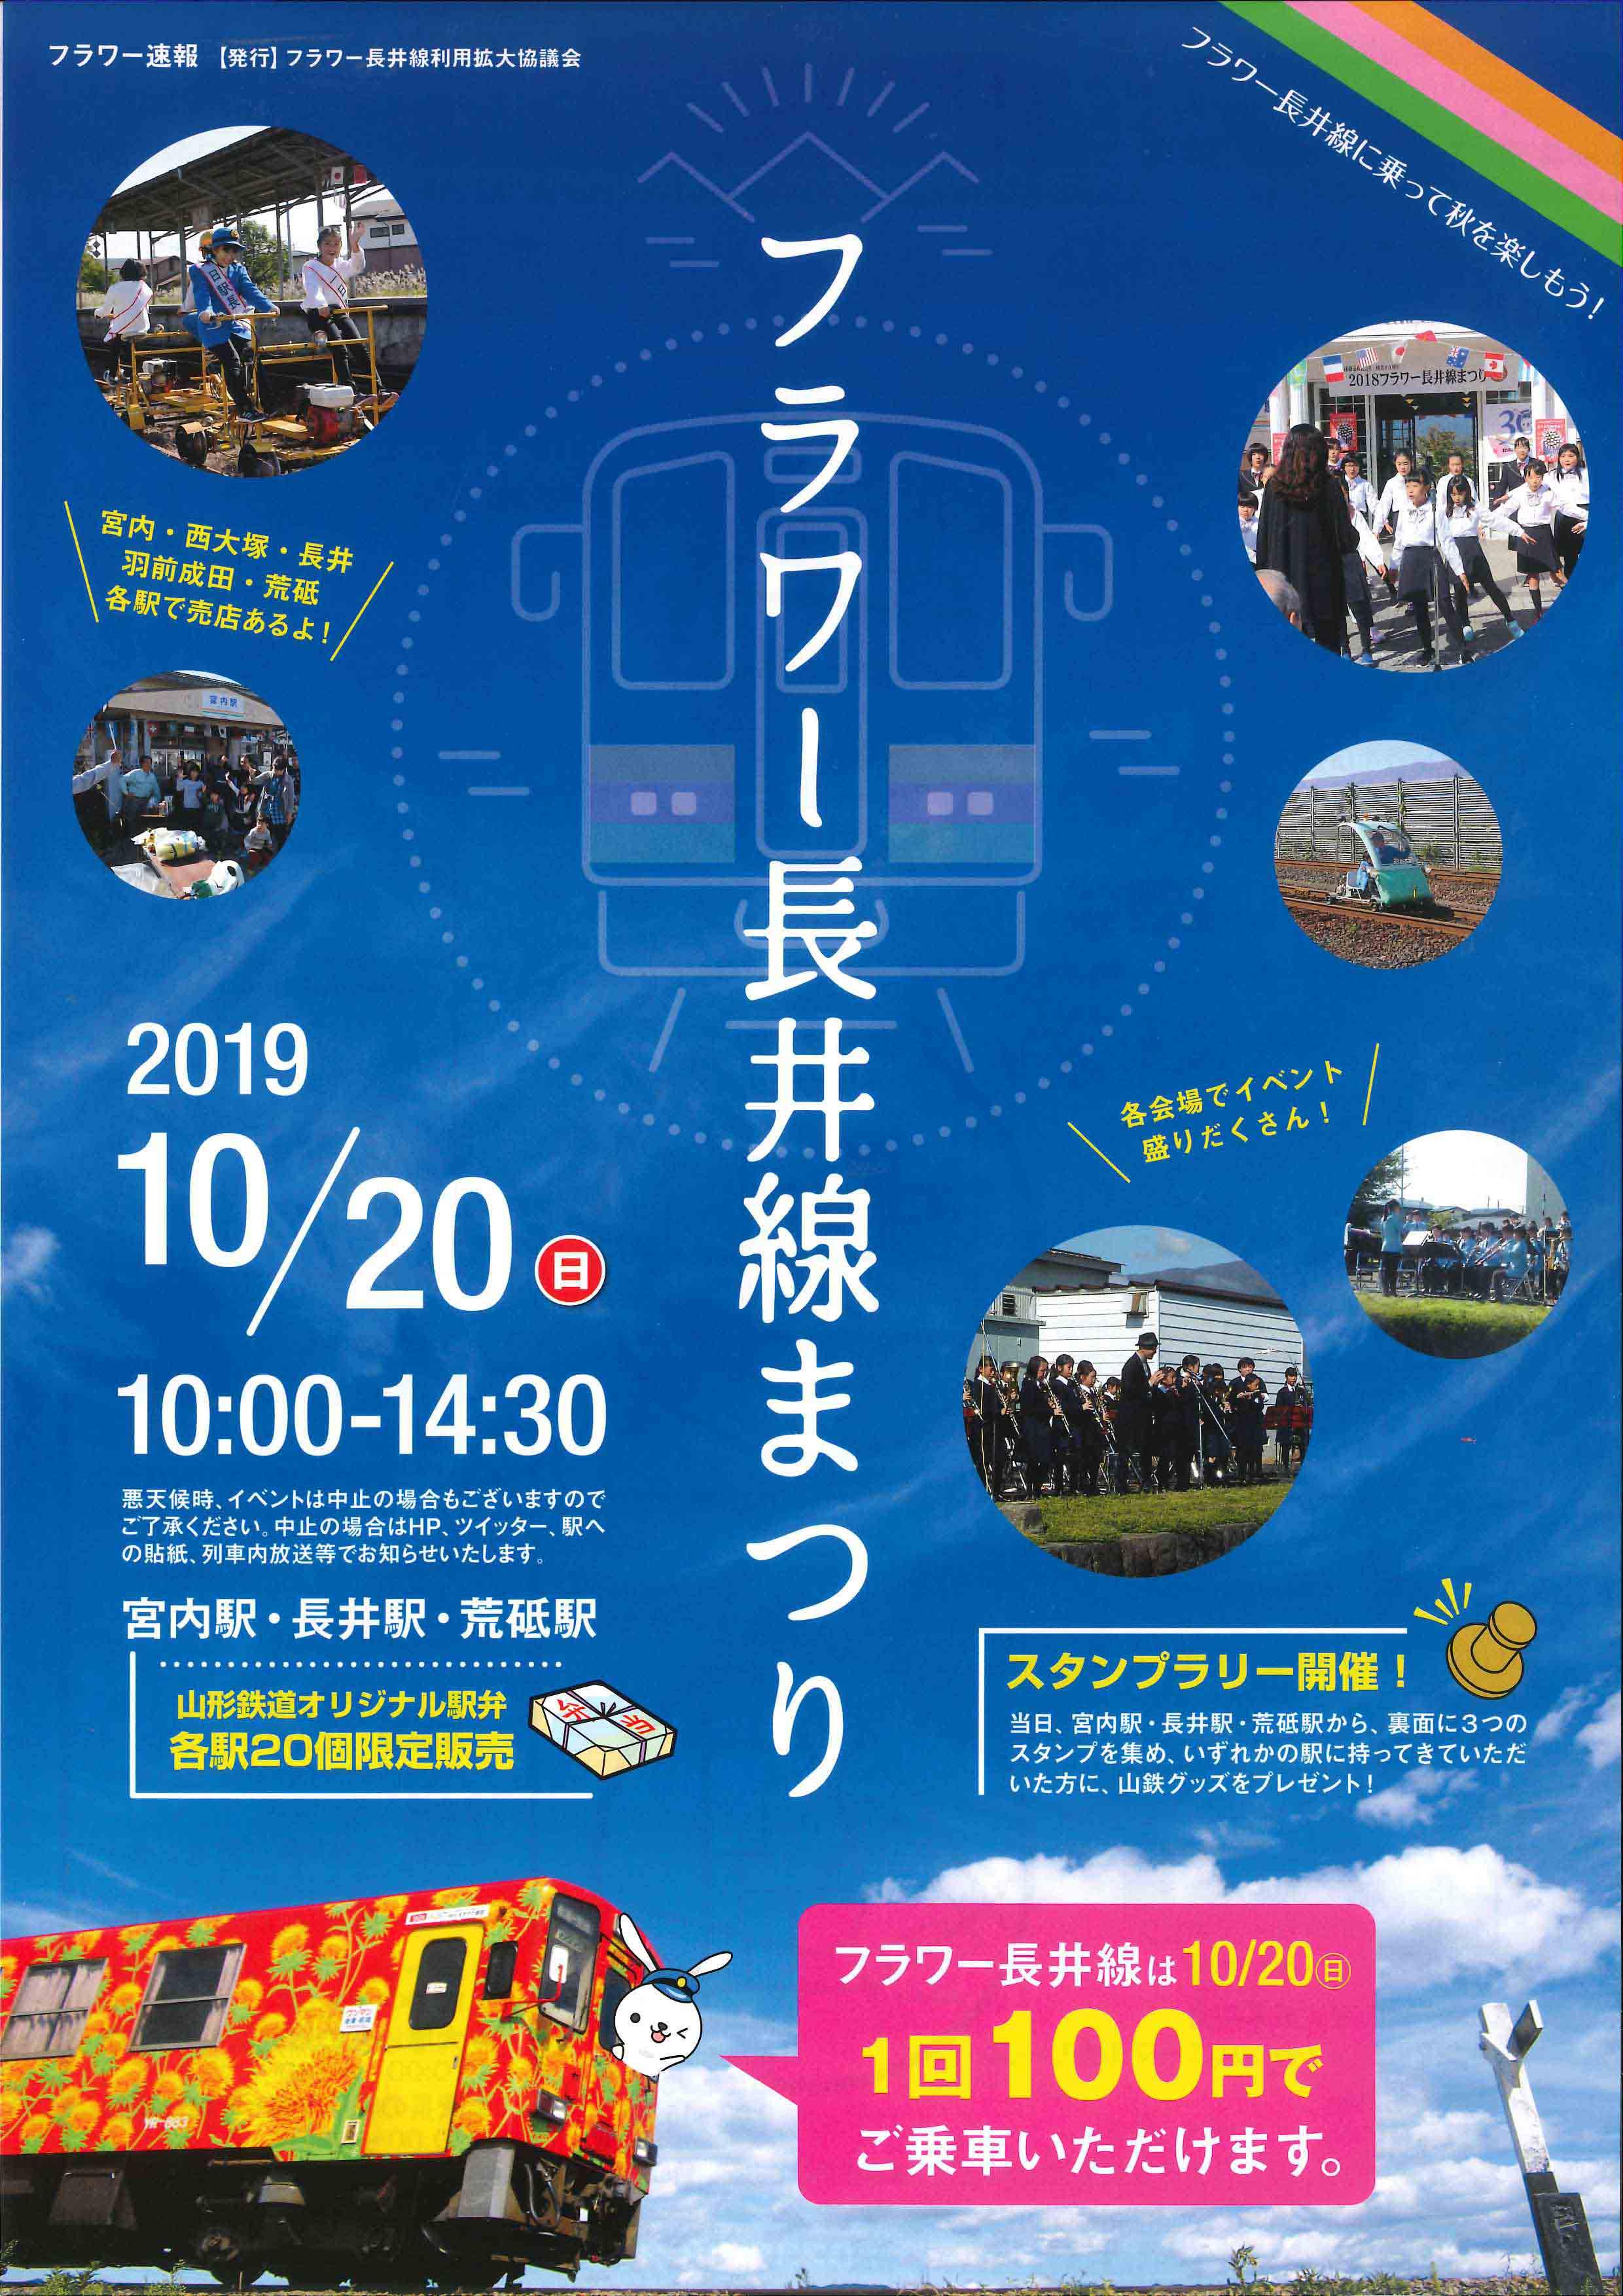 本周末被举行花长井线节:图片